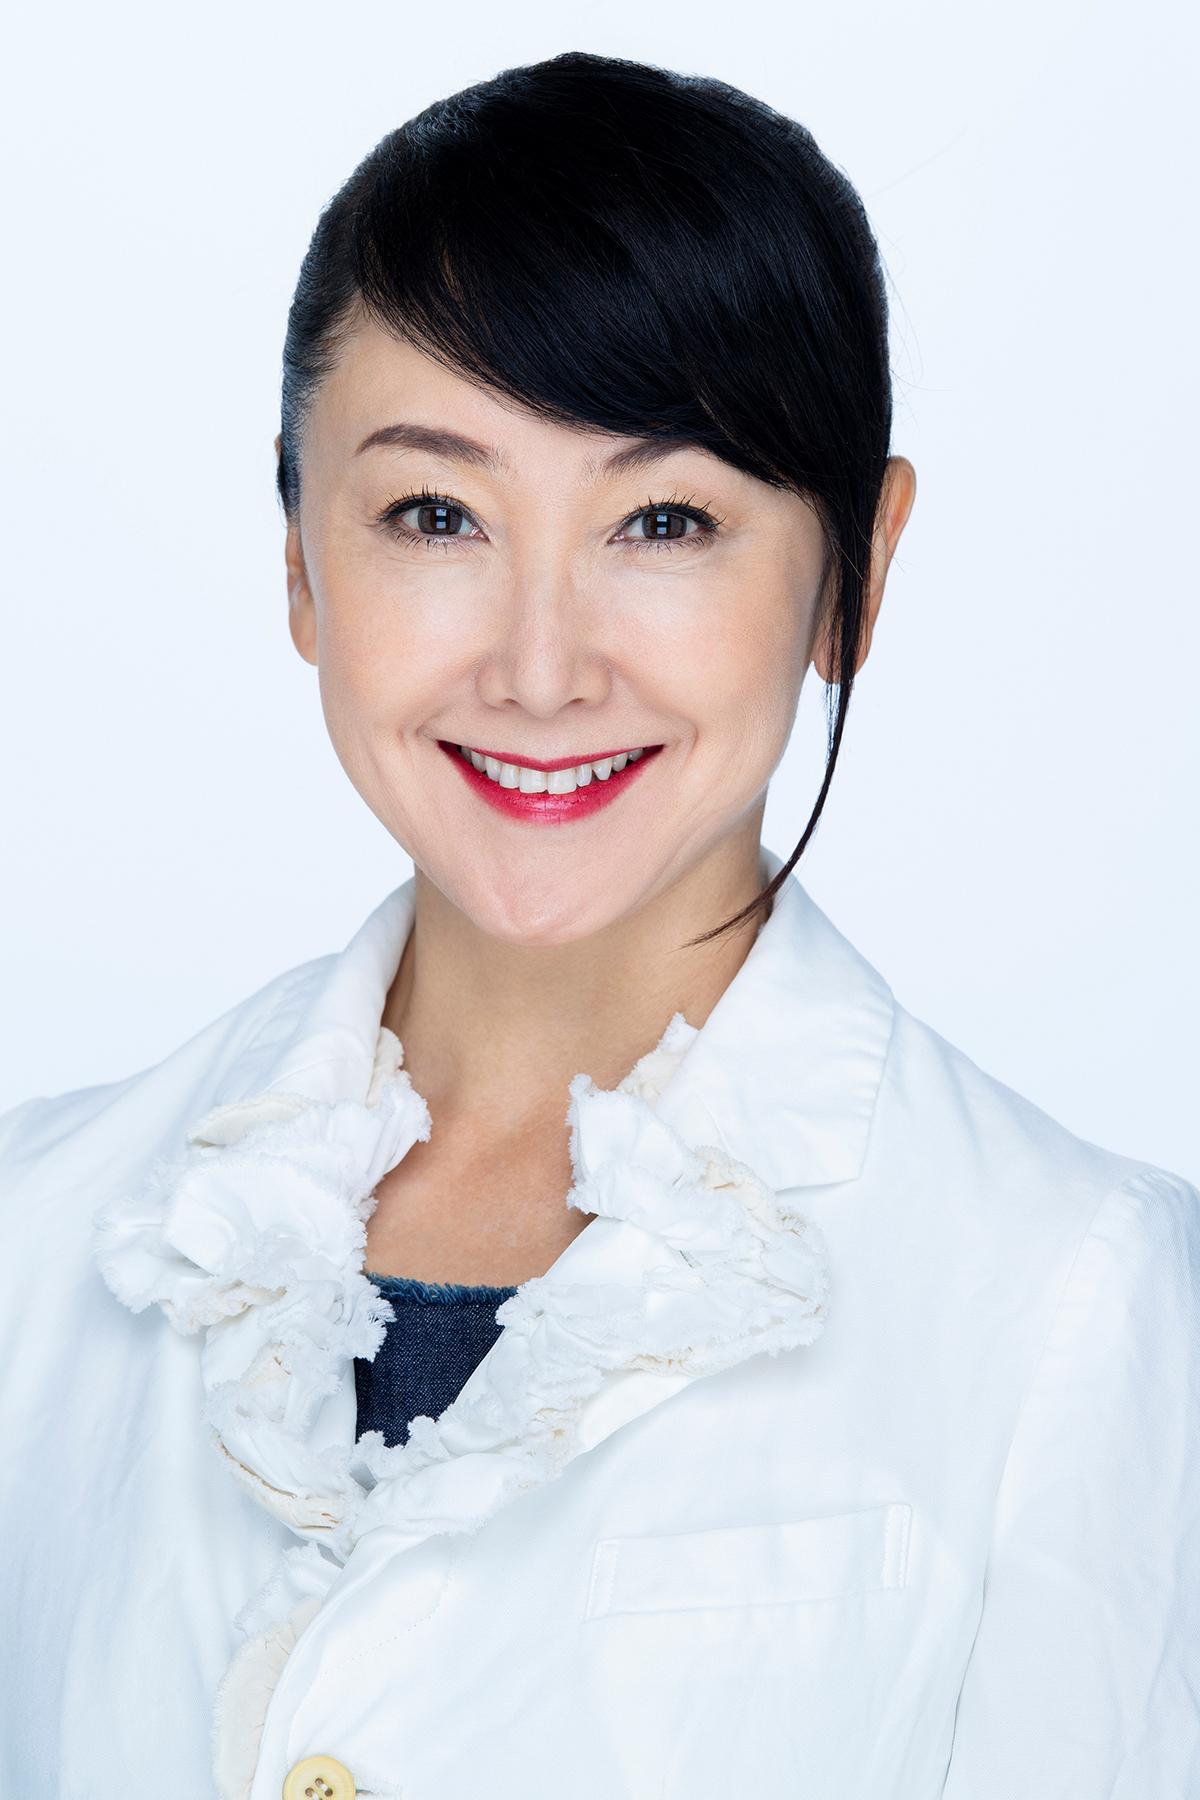 「東京2020NIPPONフェスティバル」の文化プログラム「ONE-Our New Episode」の総合演出、総指揮を務める東ちづる(C)プロダクションパオ